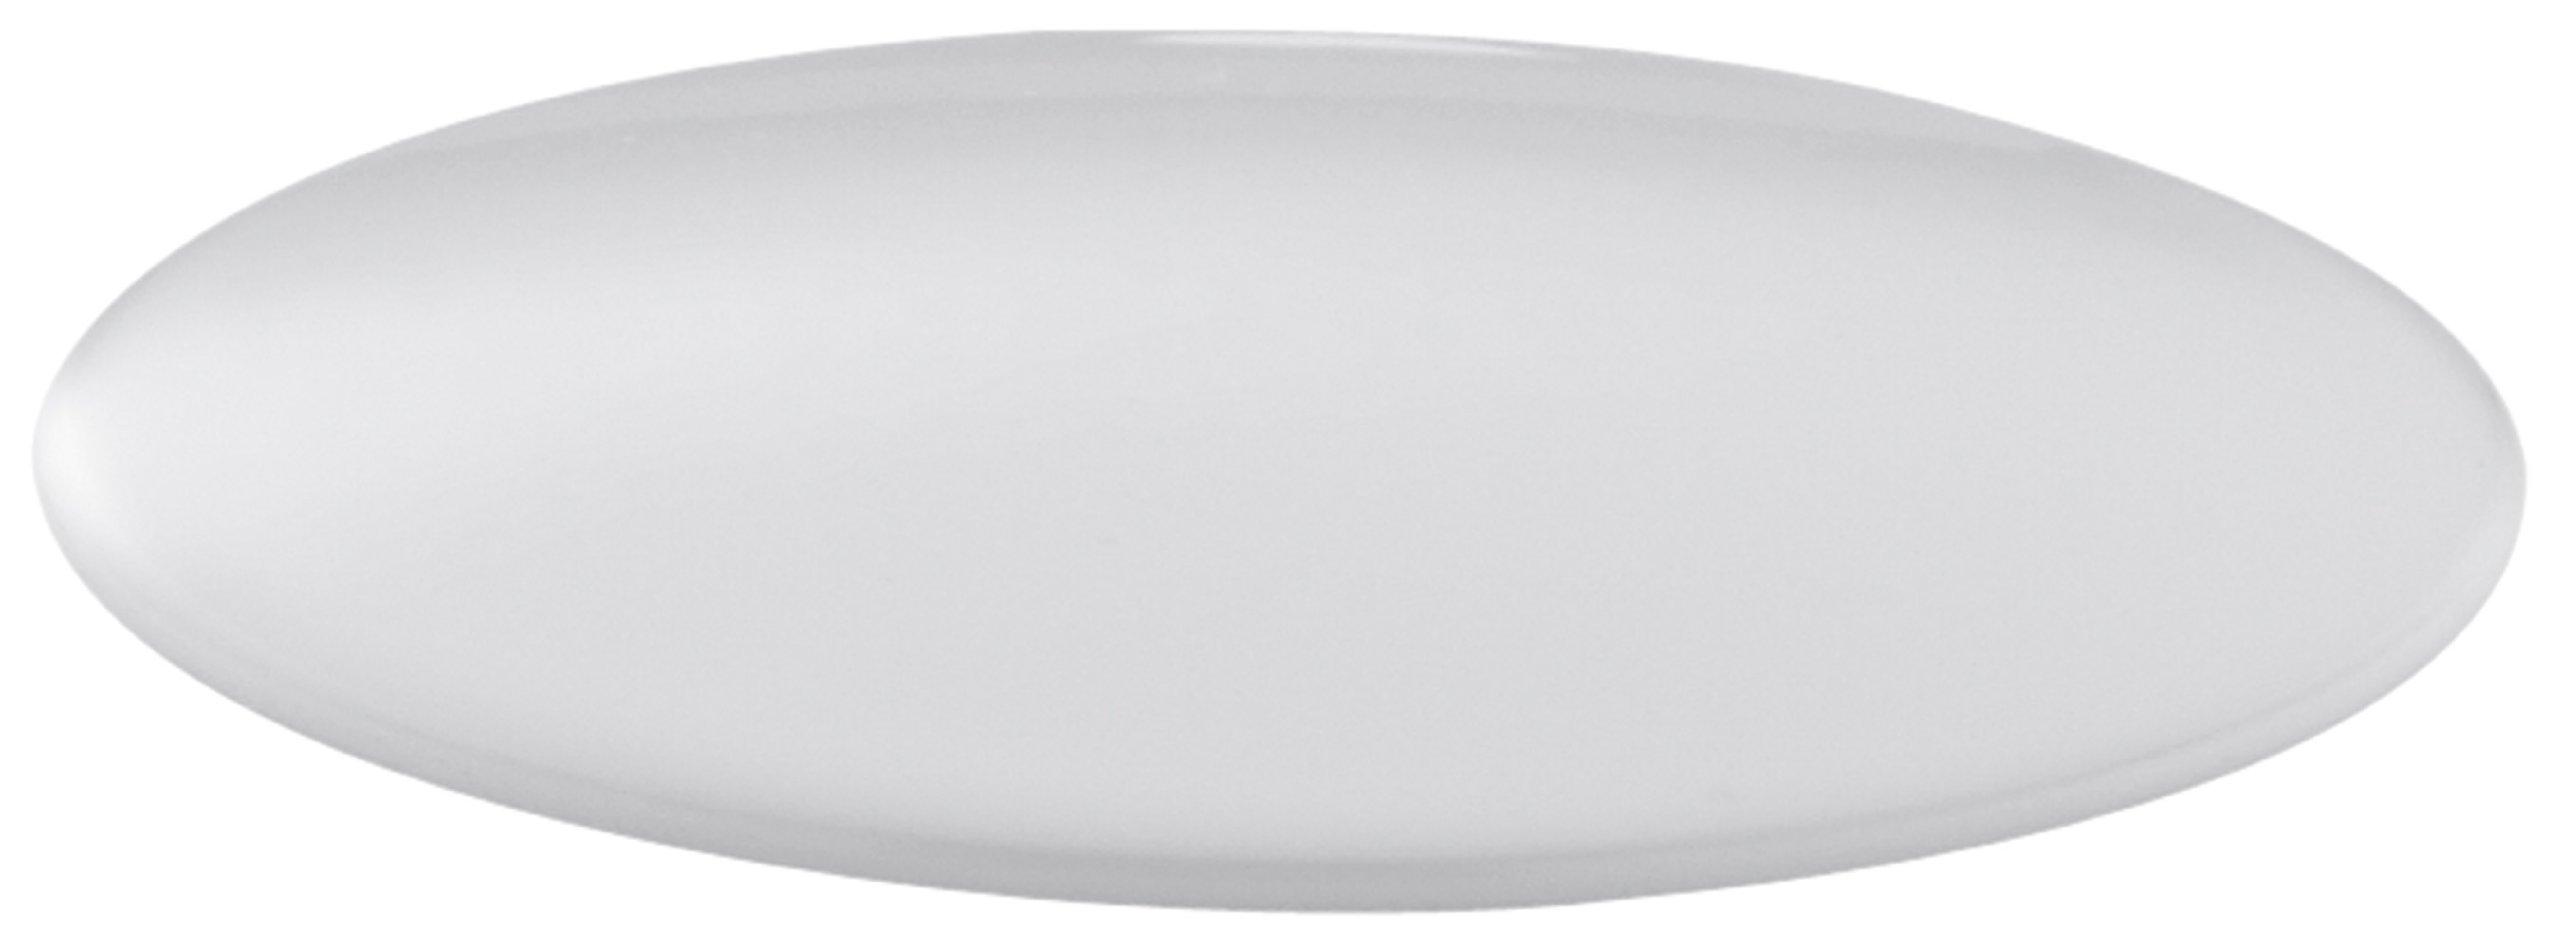 KOHLER K-8830-0 Sink Hole Cover, White by Kohler